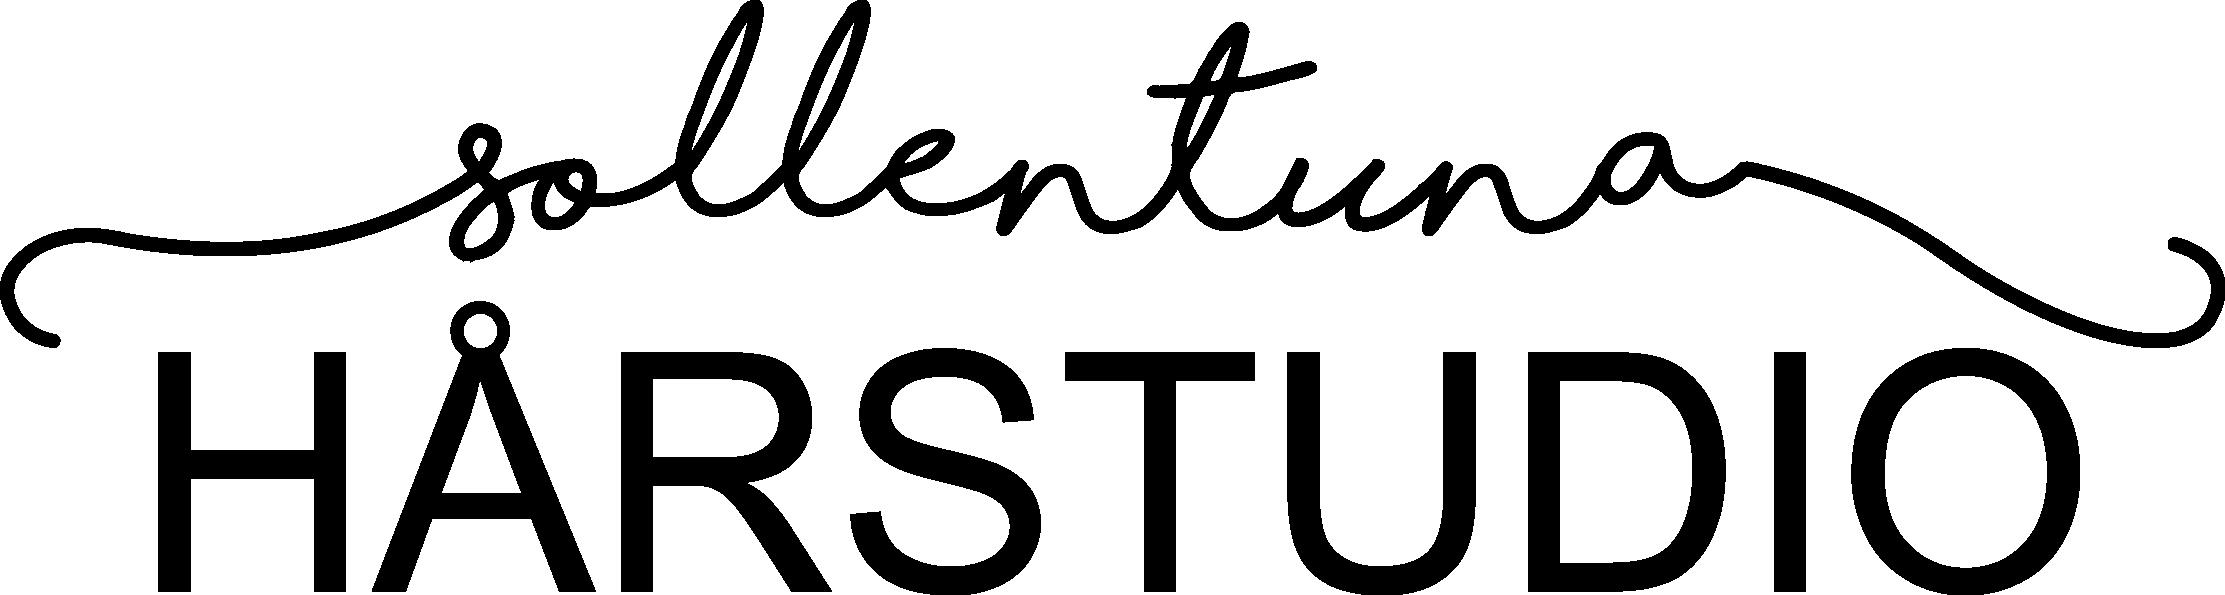 sollentuna_hs_logo_banor